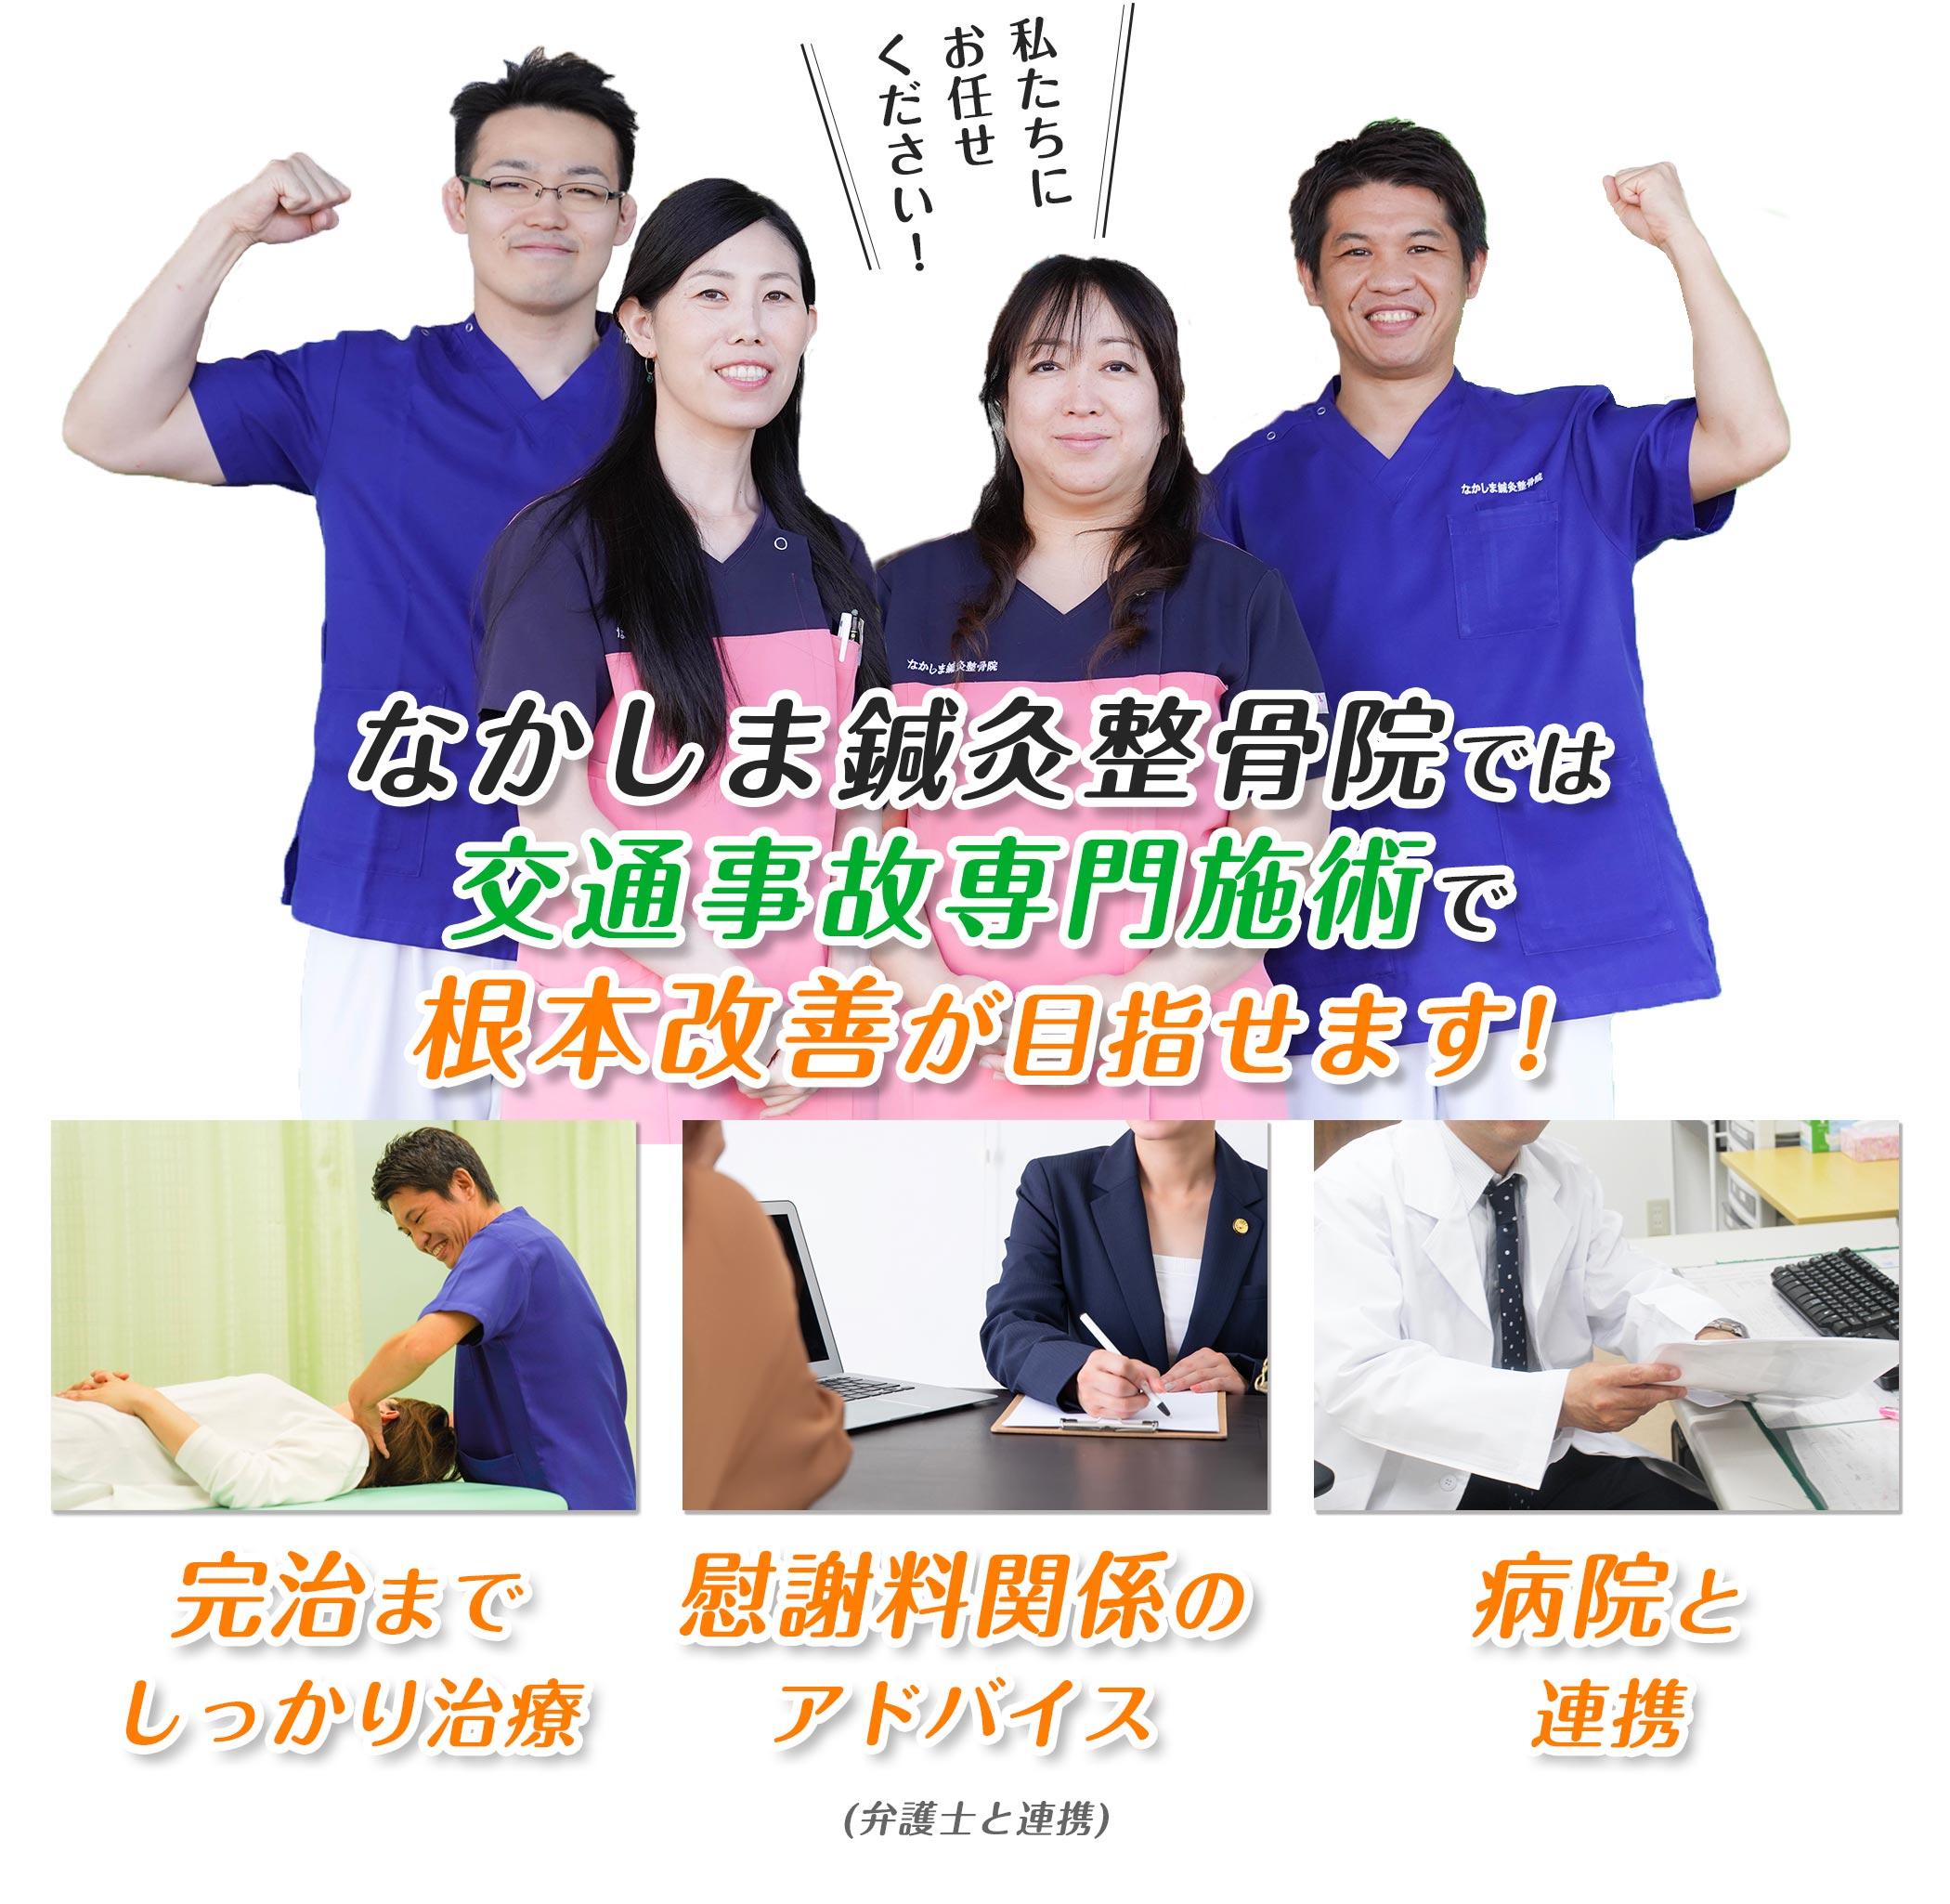 なかしま鍼灸整骨院の交通事故対応